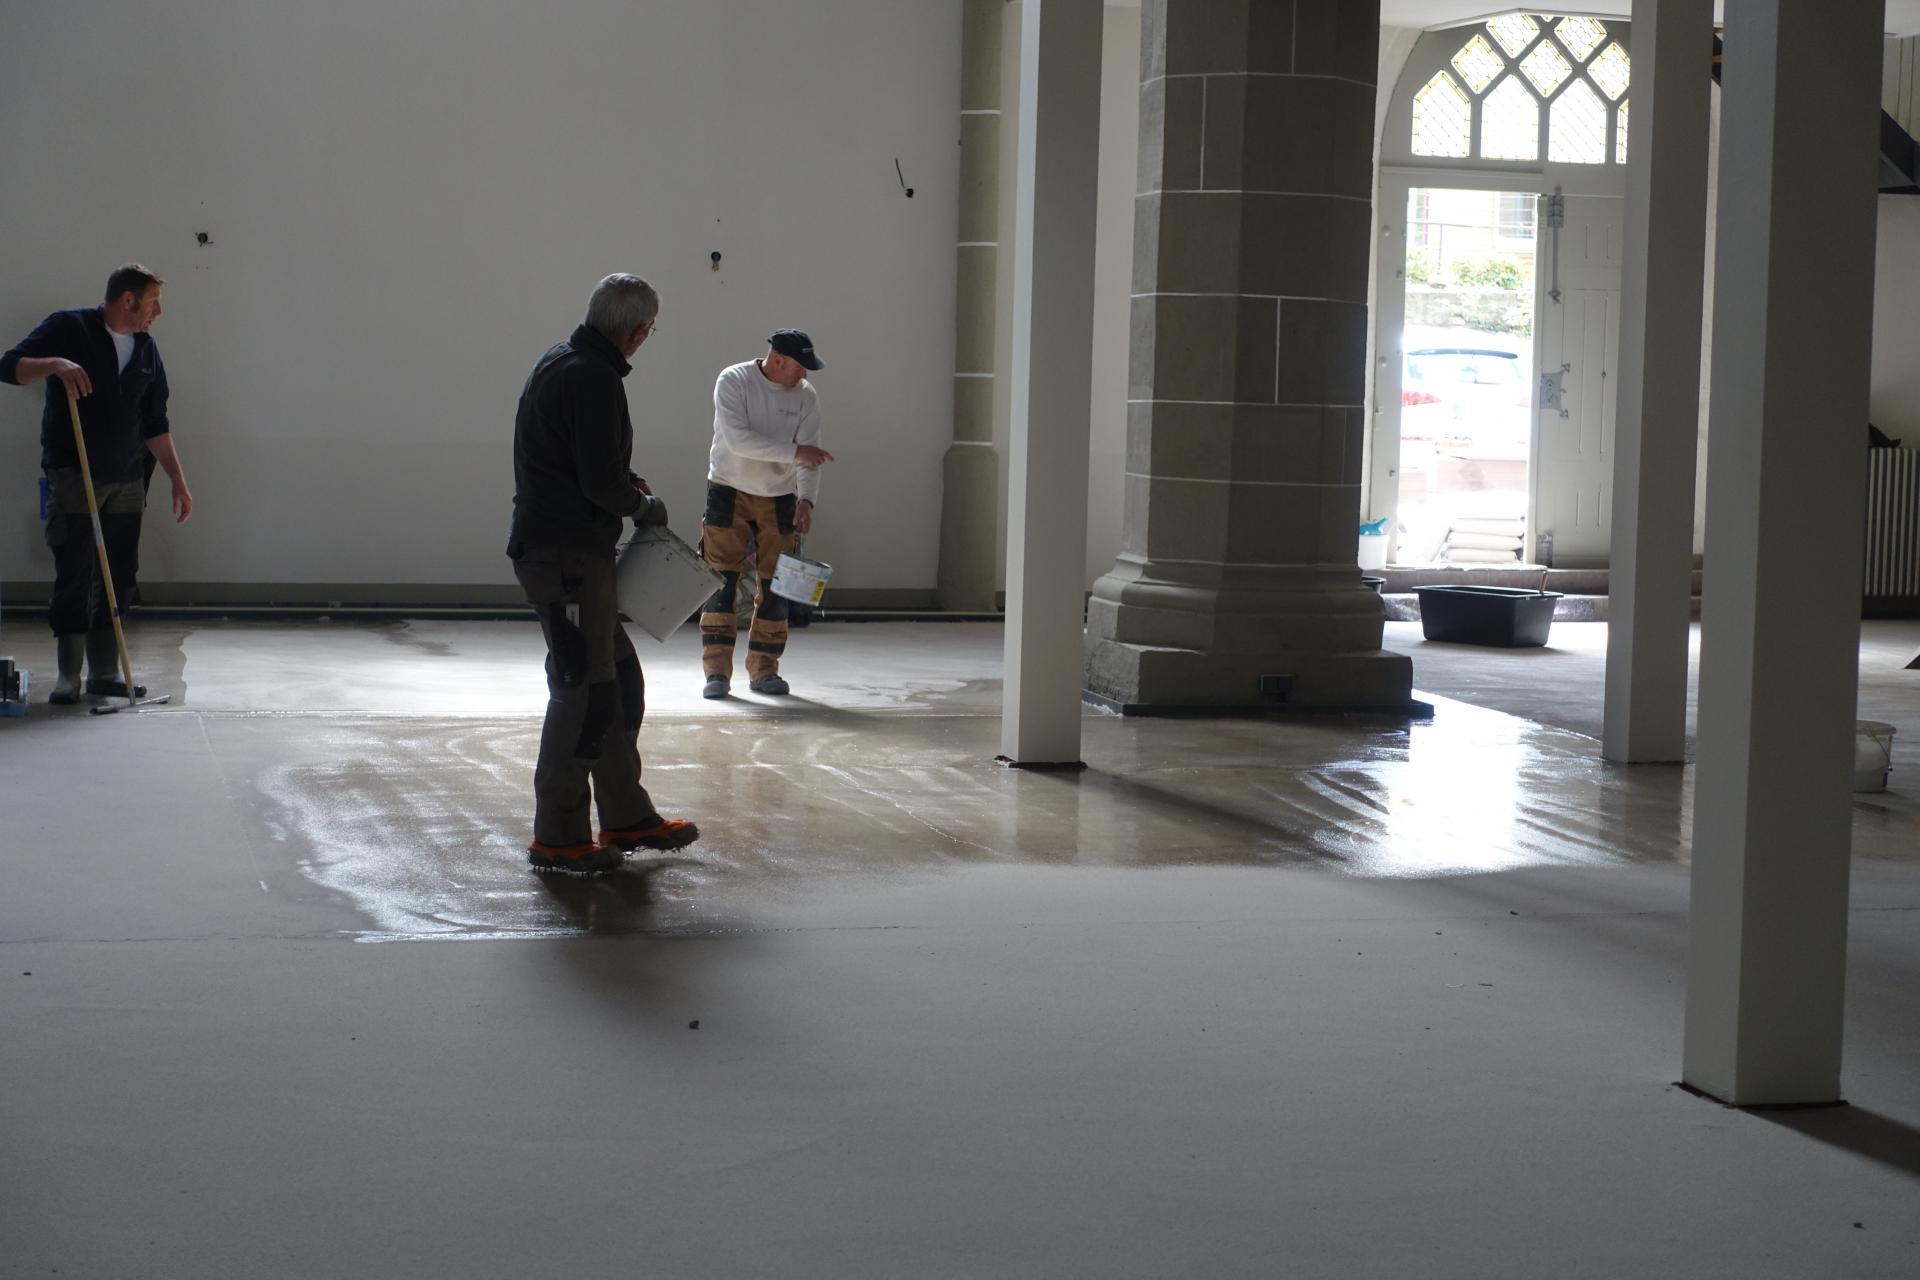 """Der Estrichverleger Matthias Kunde bereitet mit seinen Mitarbeitern den Estrichboden vor mit Quarzsand, der nach 24 Stunden wieder abgefegt wird- so wird der Boden """"griffiger"""" und die Oberfläche insgesamt erhöht zur besseren Haftung."""